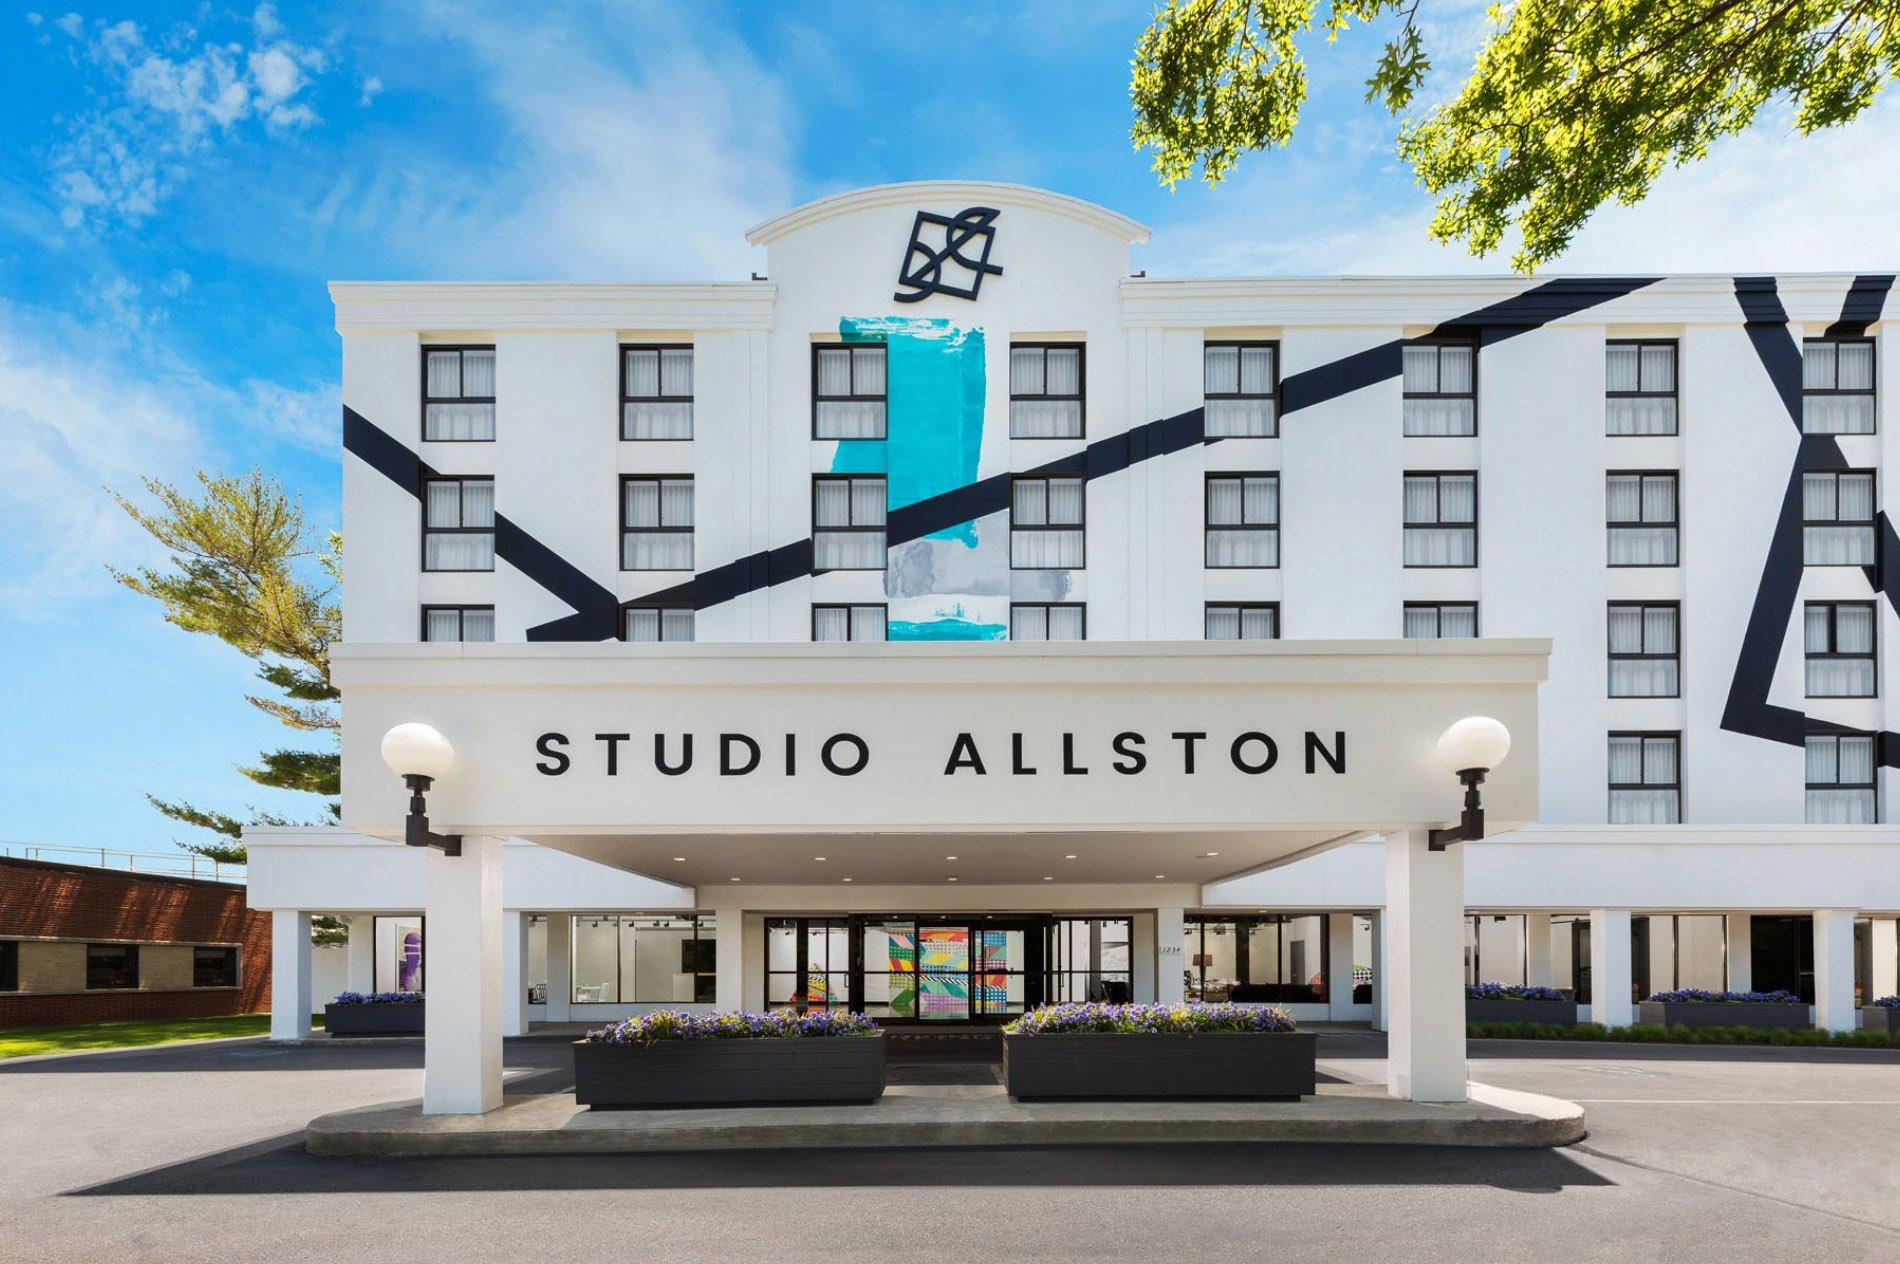 Studio Allston Boutique Hotel Exterior Mural Design